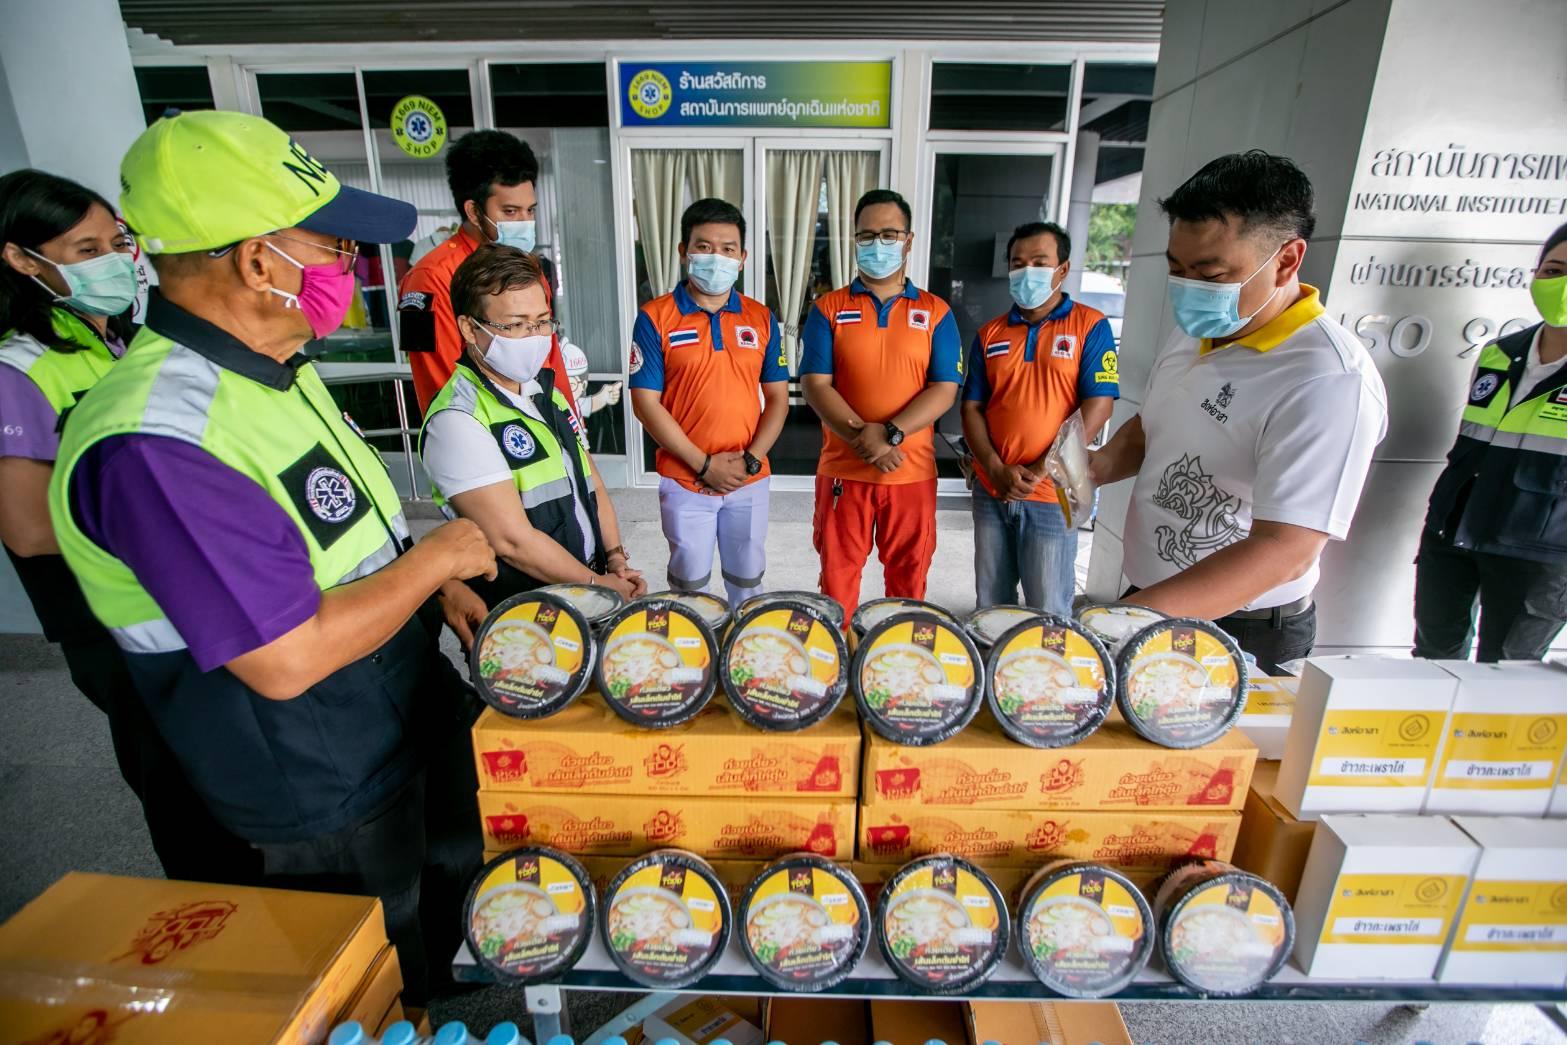 บุญรอดฯ พร้อมส่งความช่วยเหลือให้กว่า 70 โรงพยาบาลหลัก-สนาม สนับสนุนบุคลากรแพทย์ สู้ภัยโควิด-19 ต่อเนื่อง